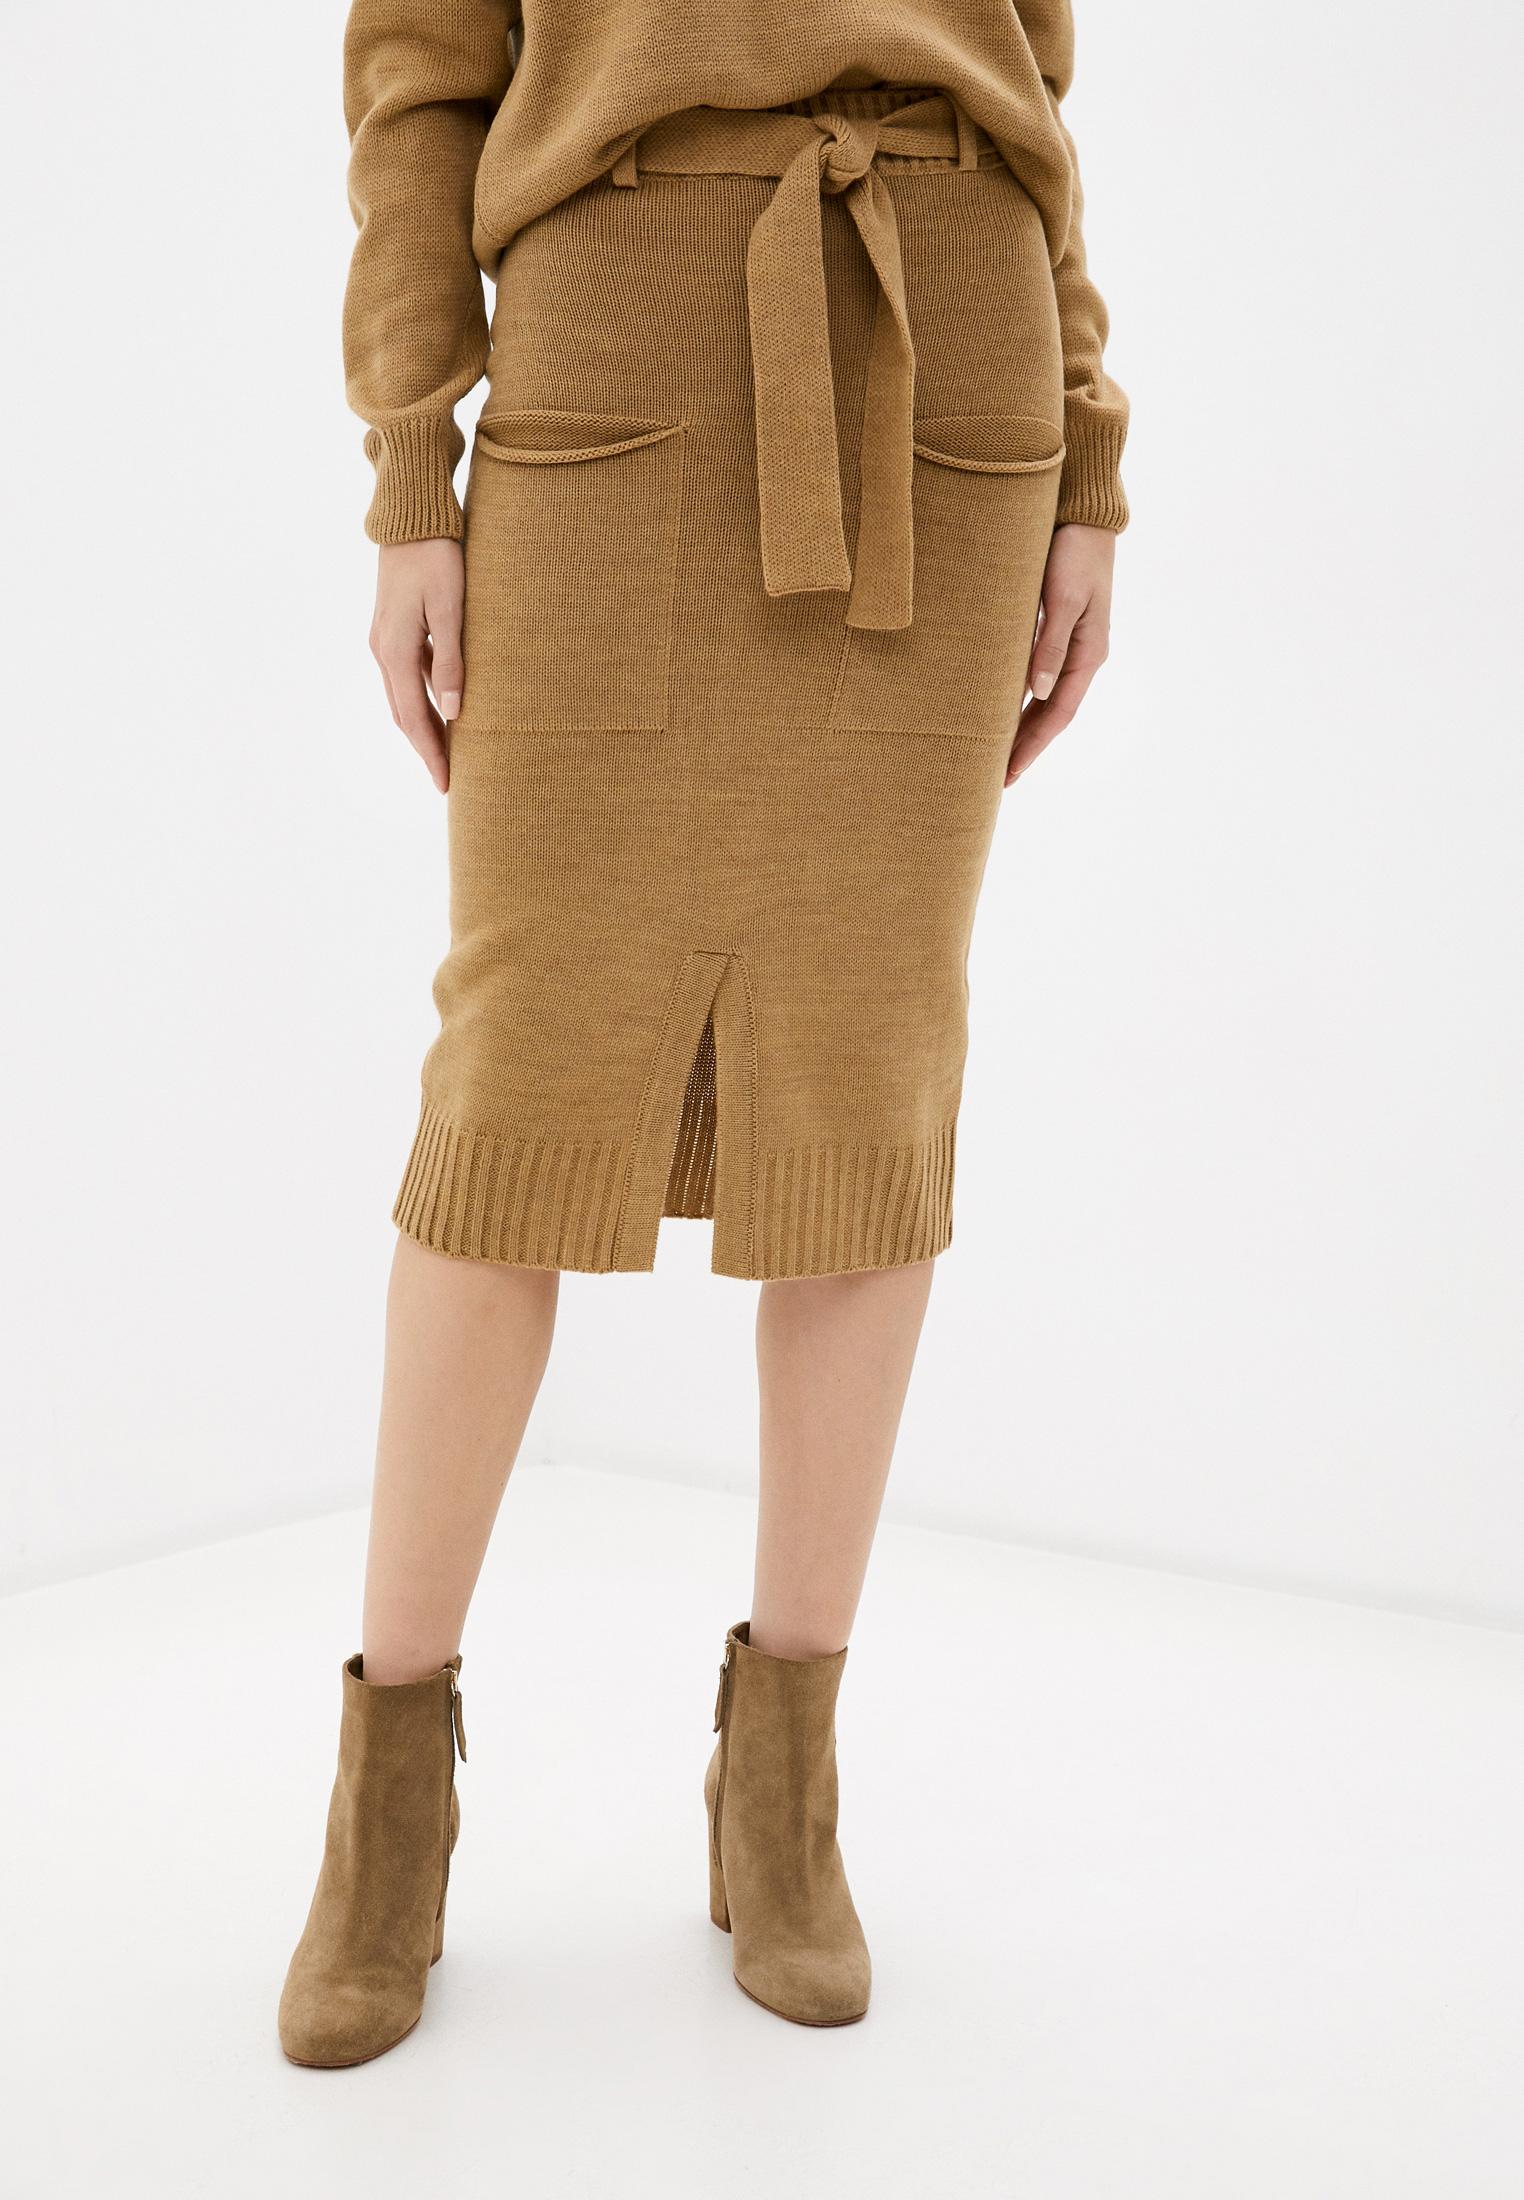 Узкая юбка Marselesa 2153-06